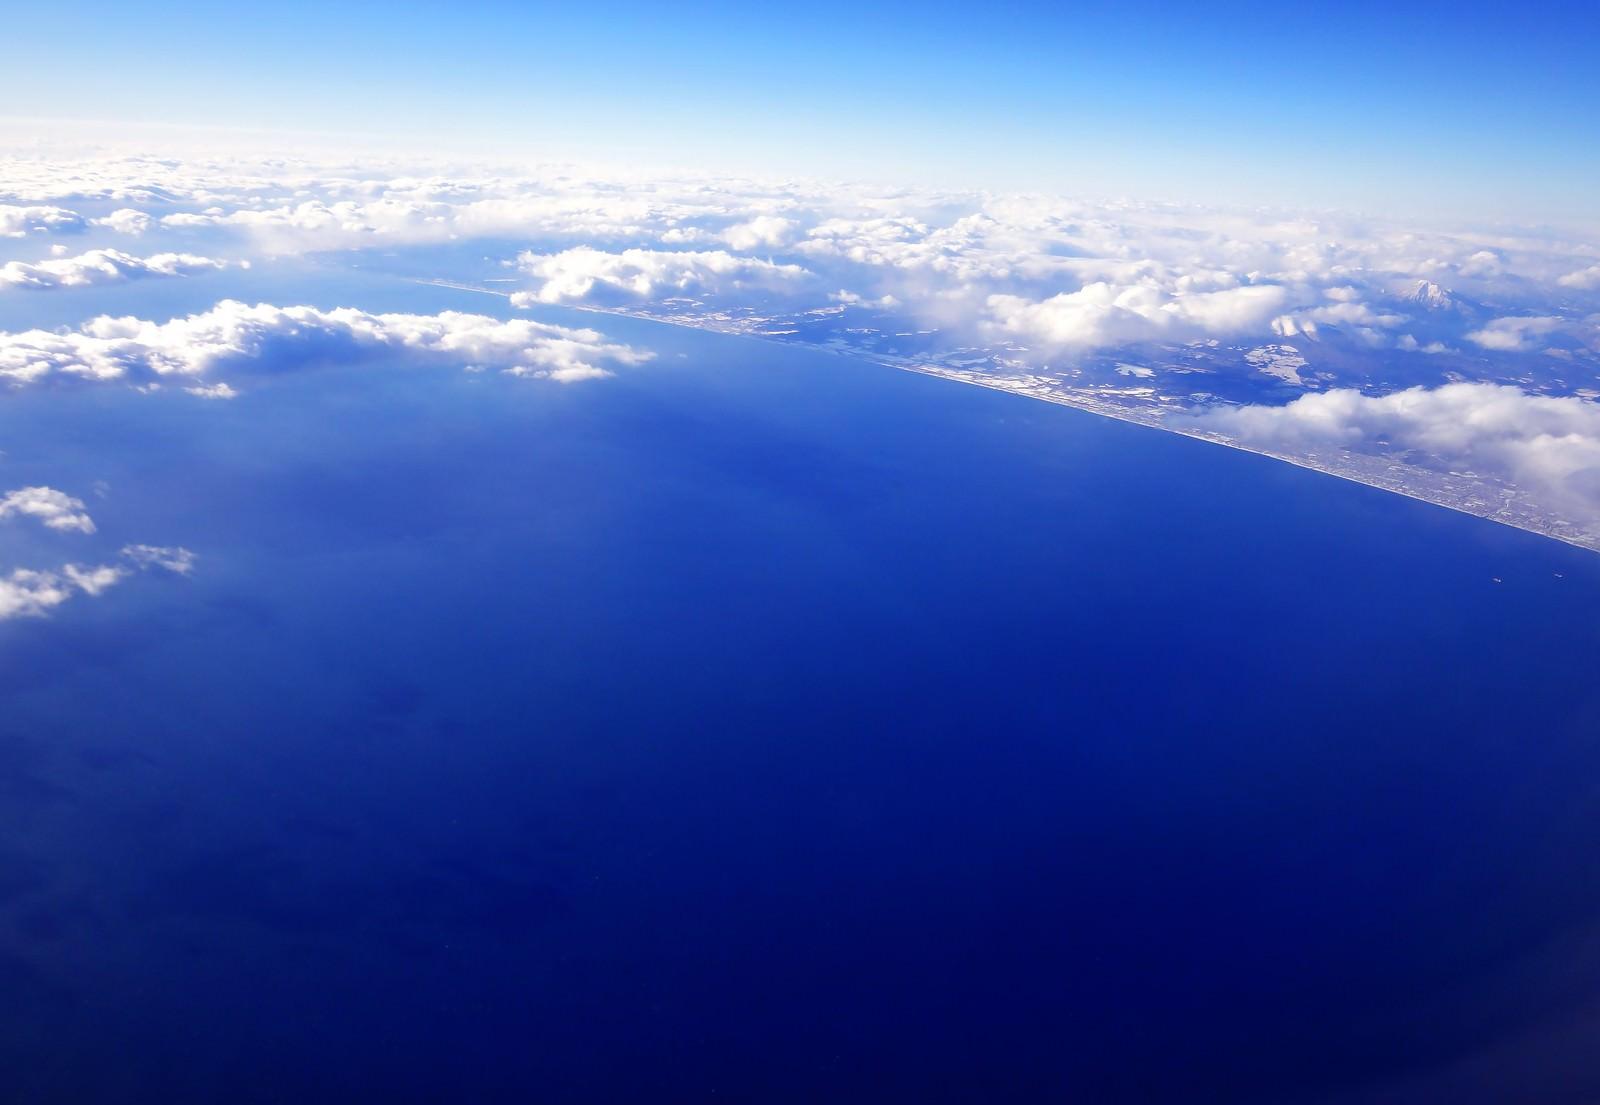 「空からの眺め」の写真